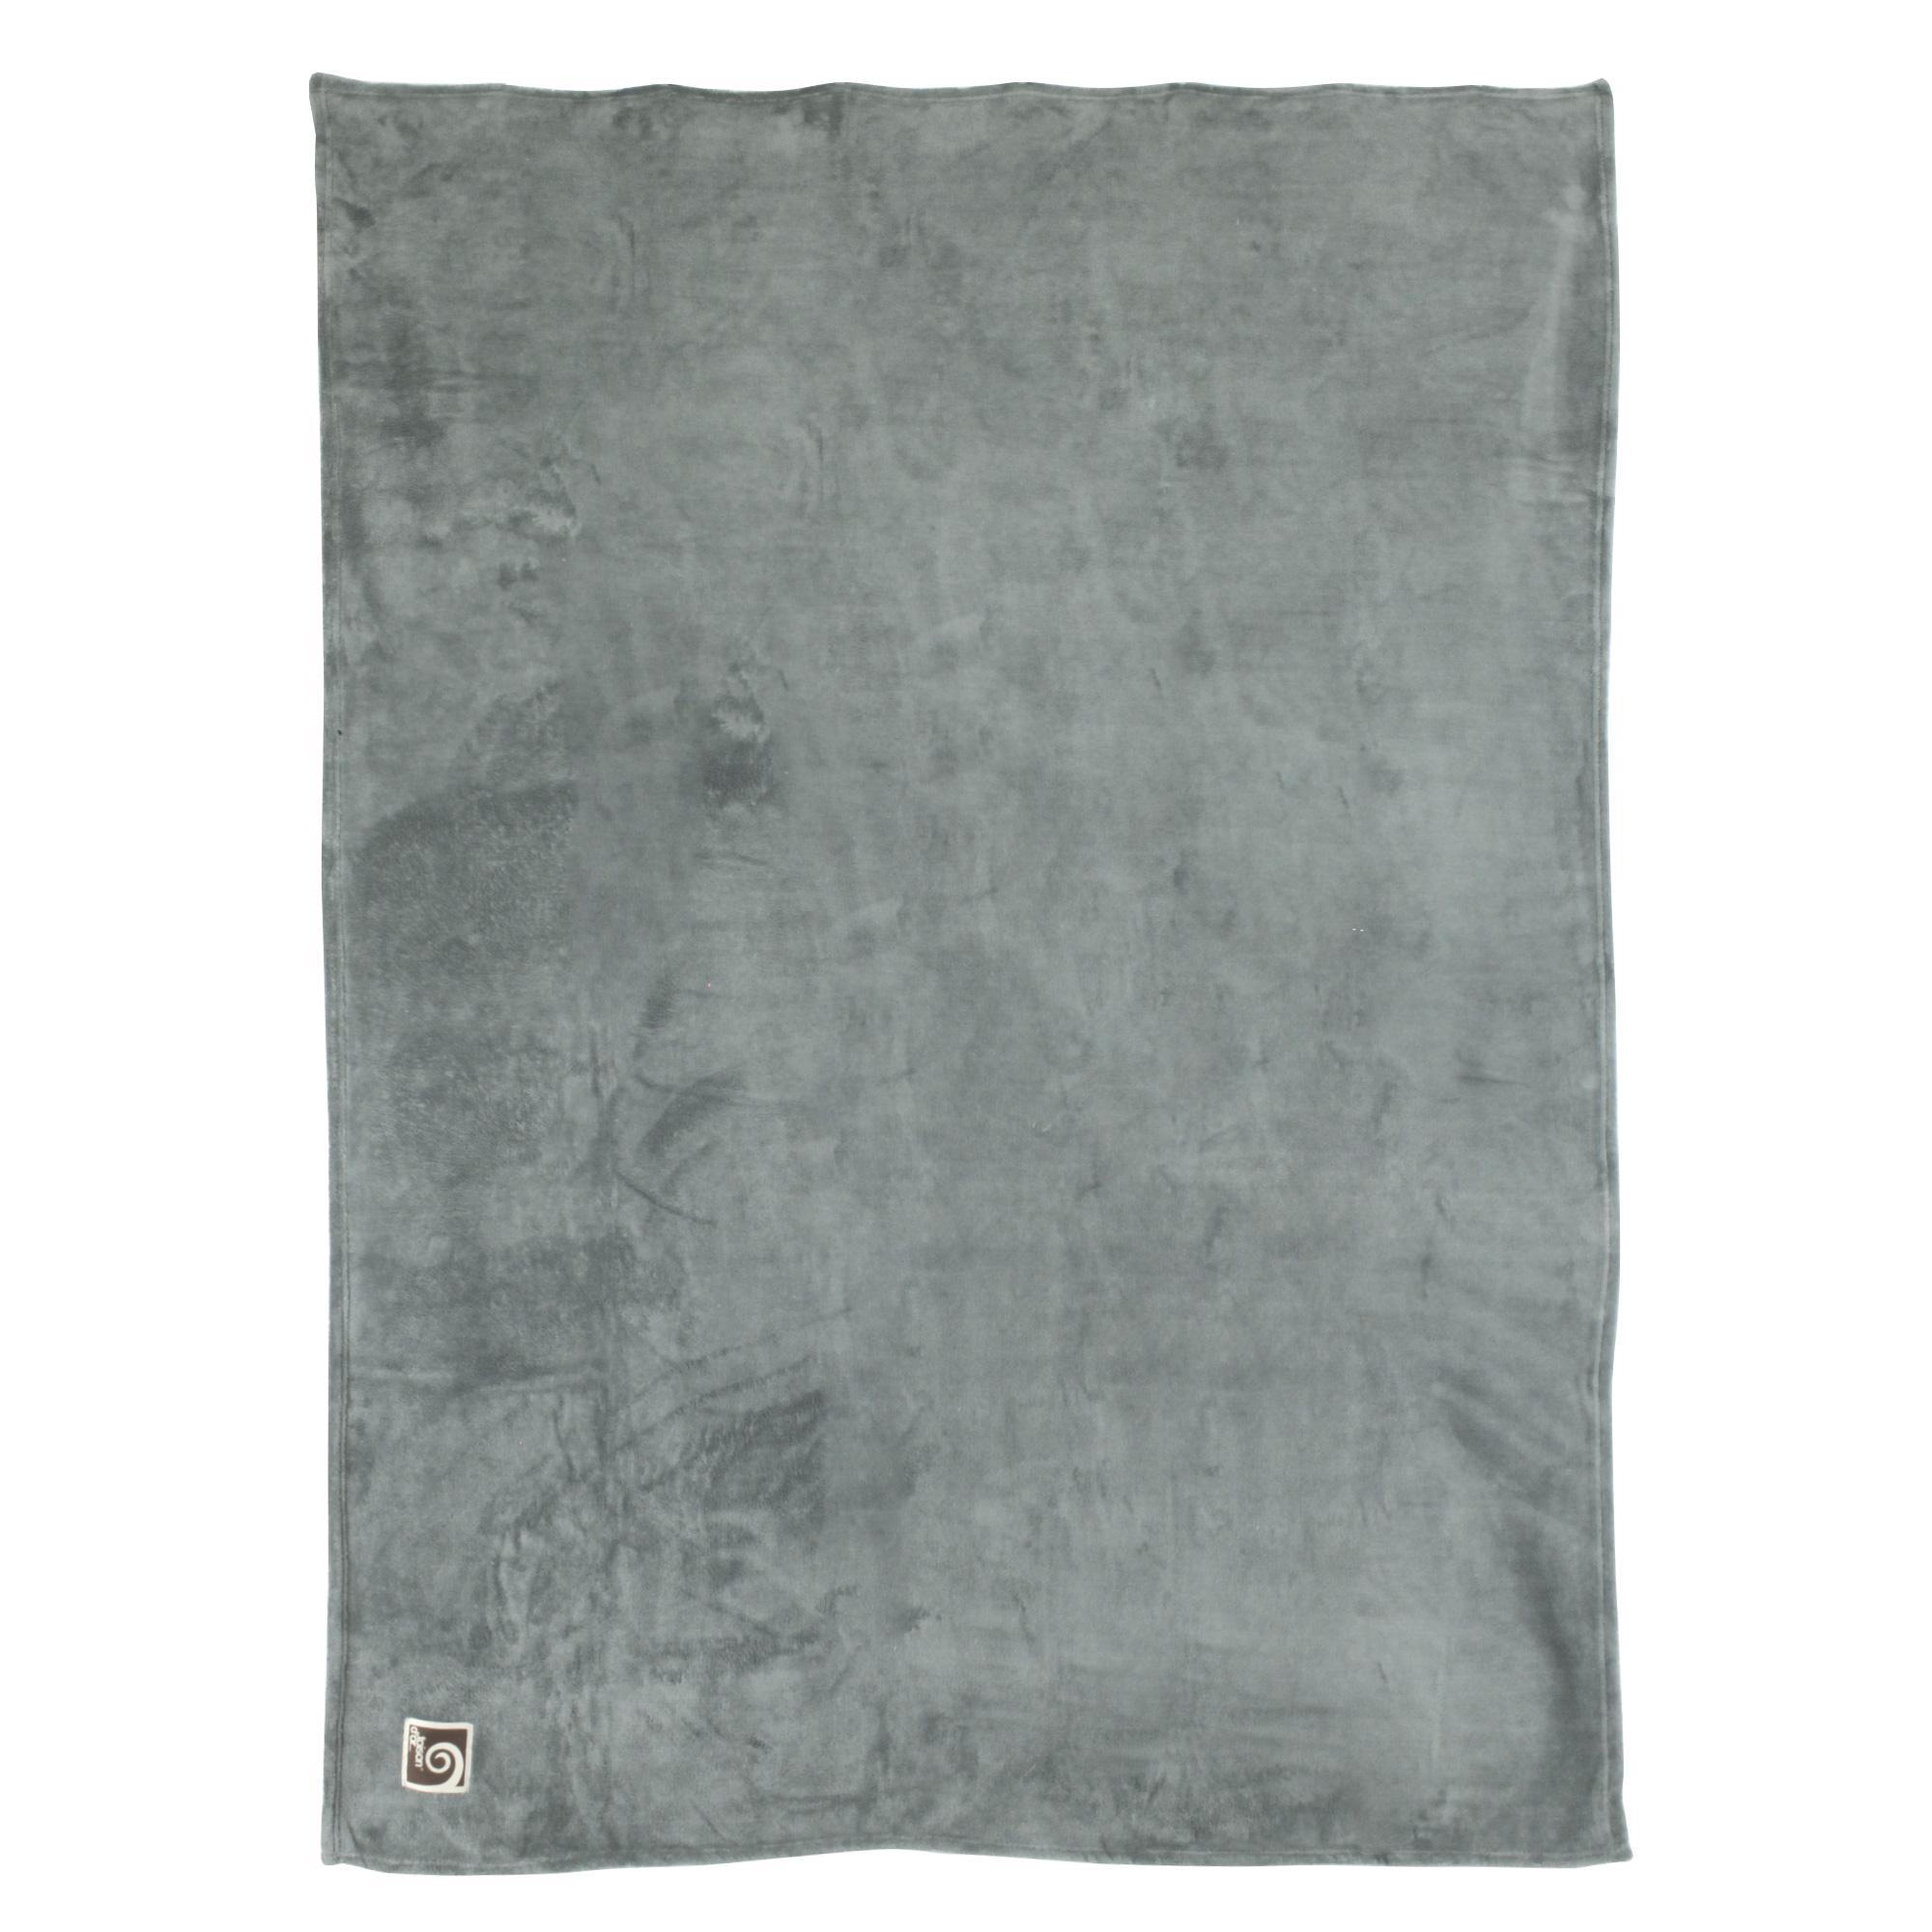 couverture apollo microfibre 220x240 cm gris argent. Black Bedroom Furniture Sets. Home Design Ideas